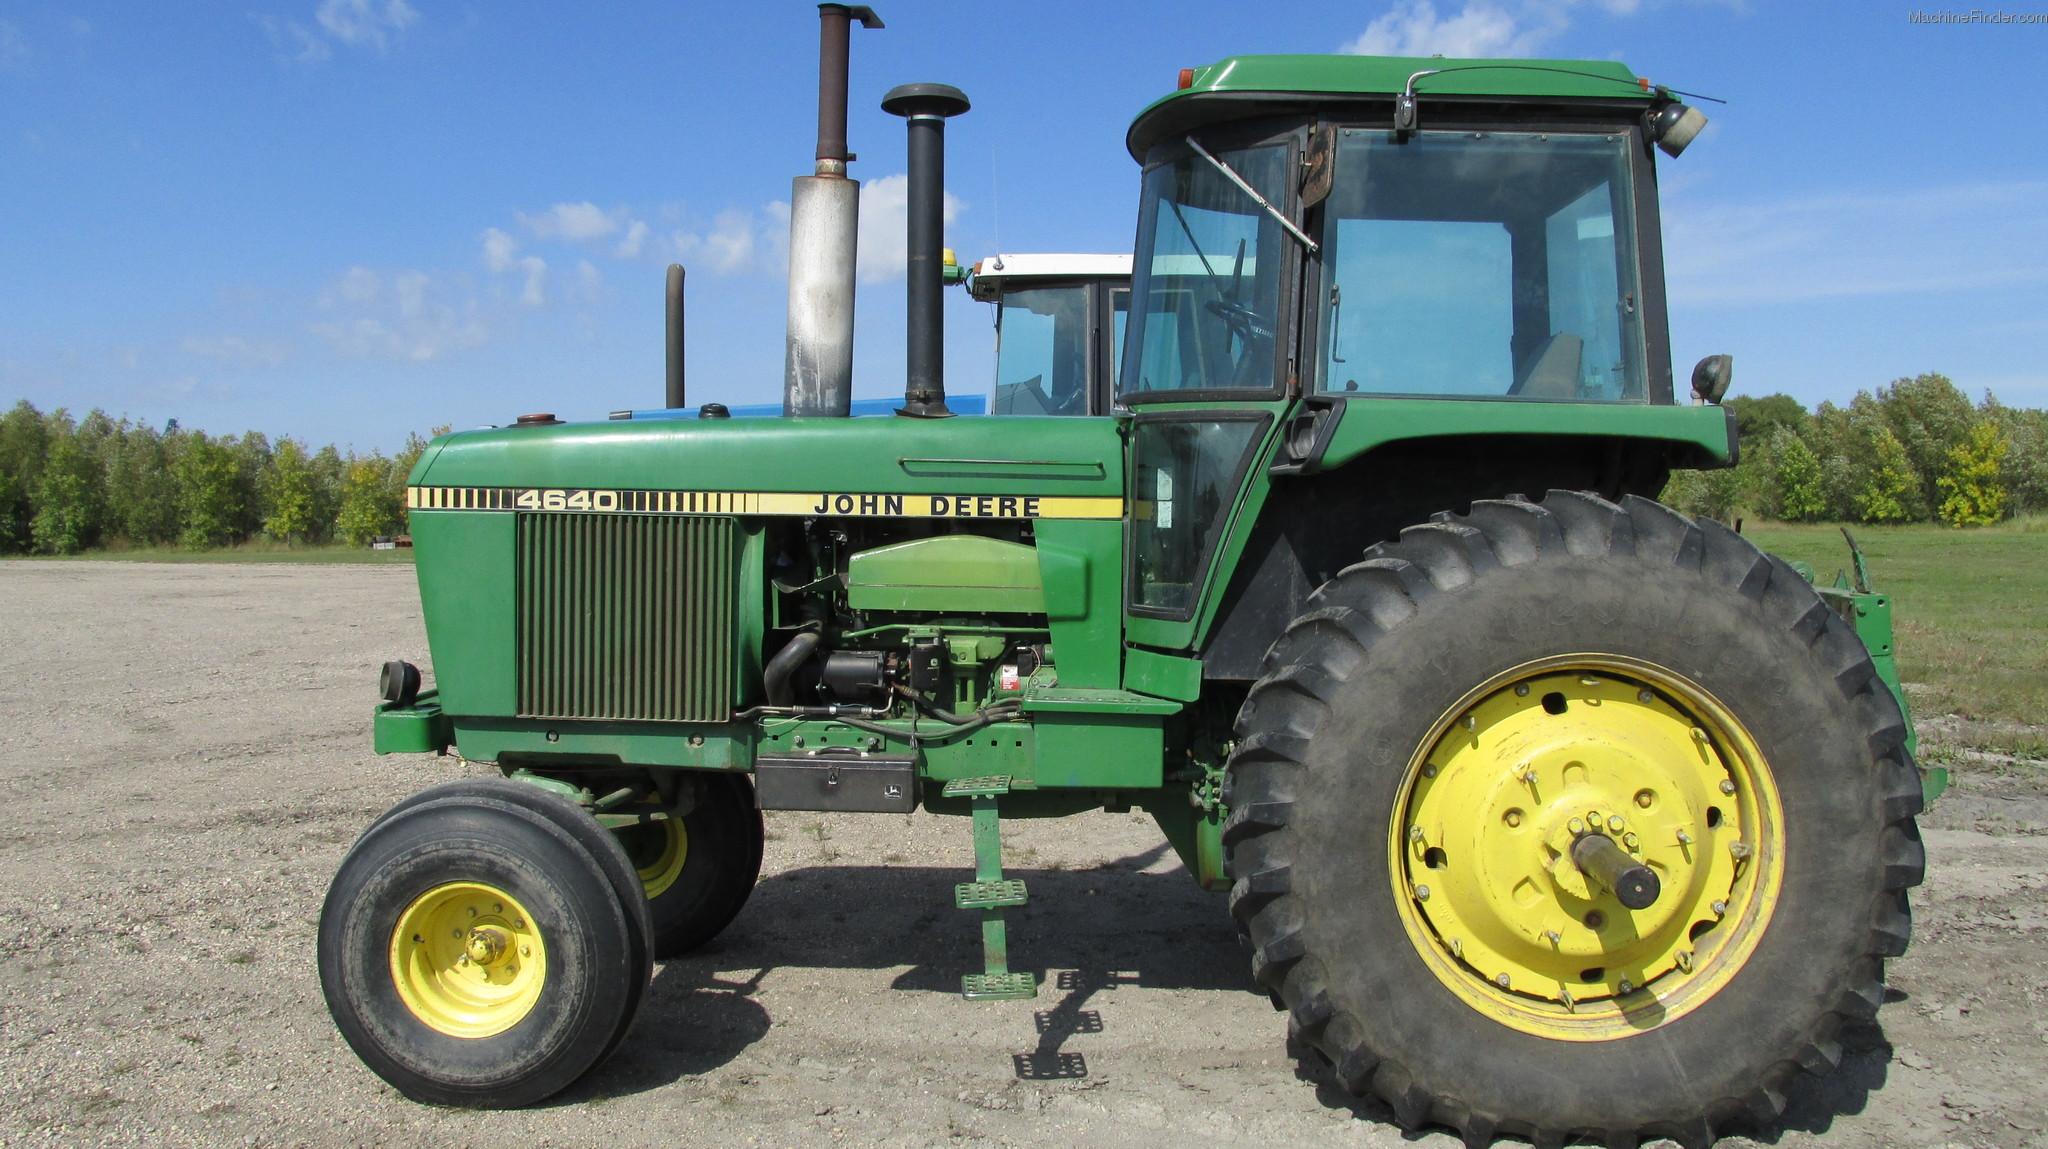 1981 John Deere 4640 Tractors - Row Crop   100hp